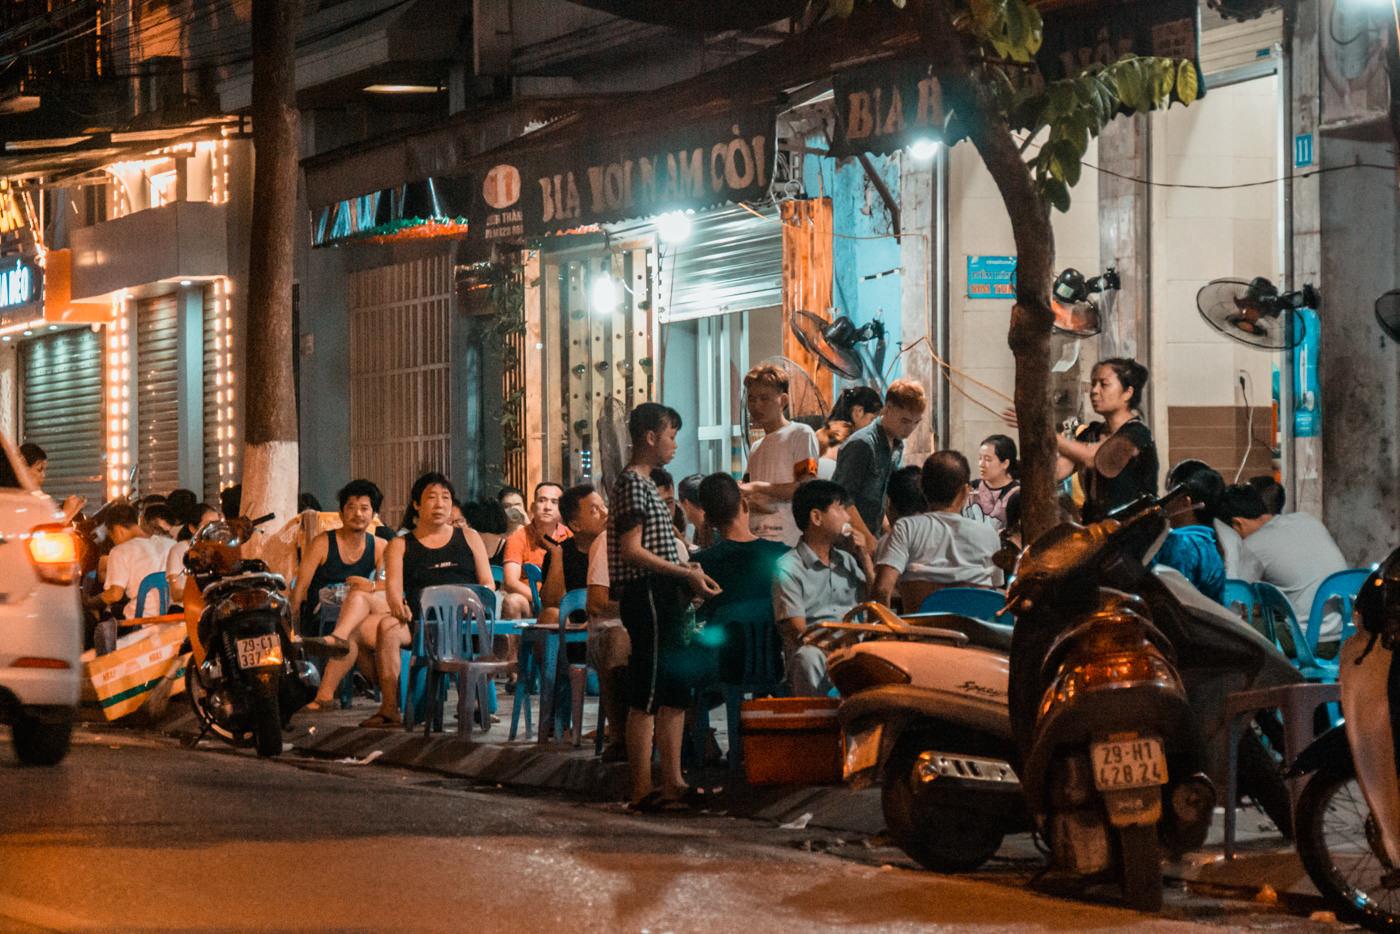 Lokals essen am Straßenrand in Hanoi